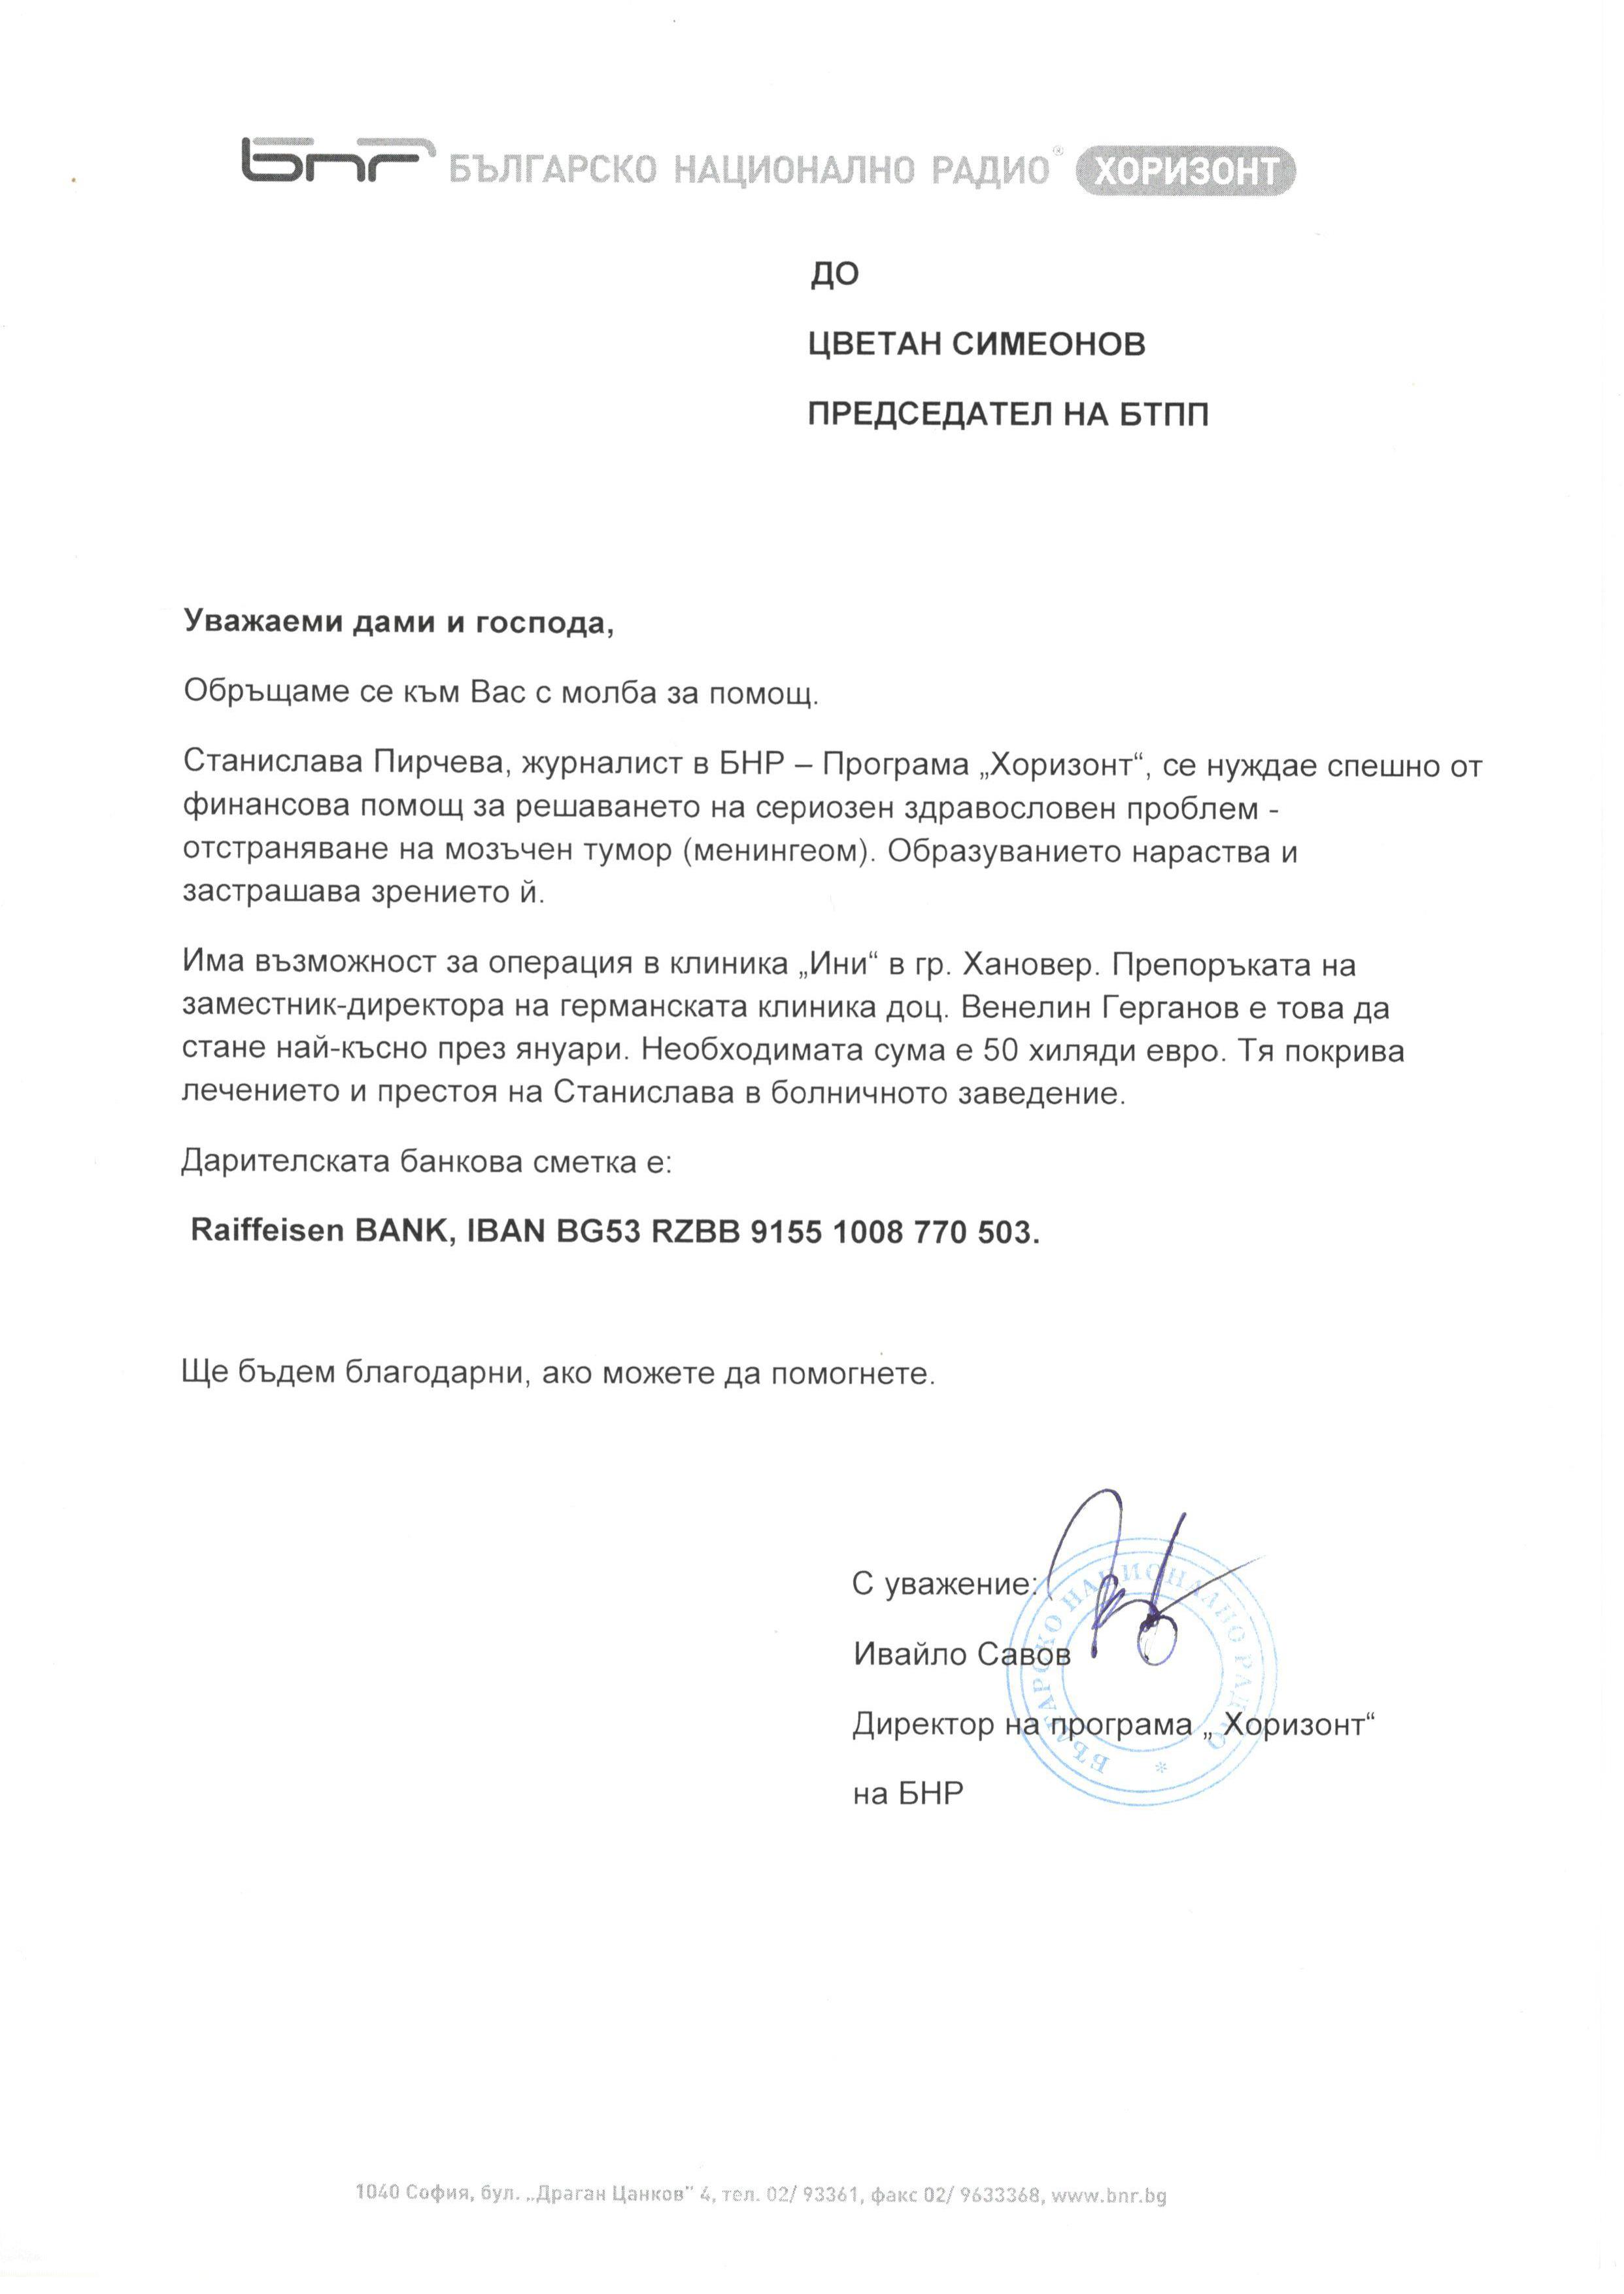 Станислава Пирчева